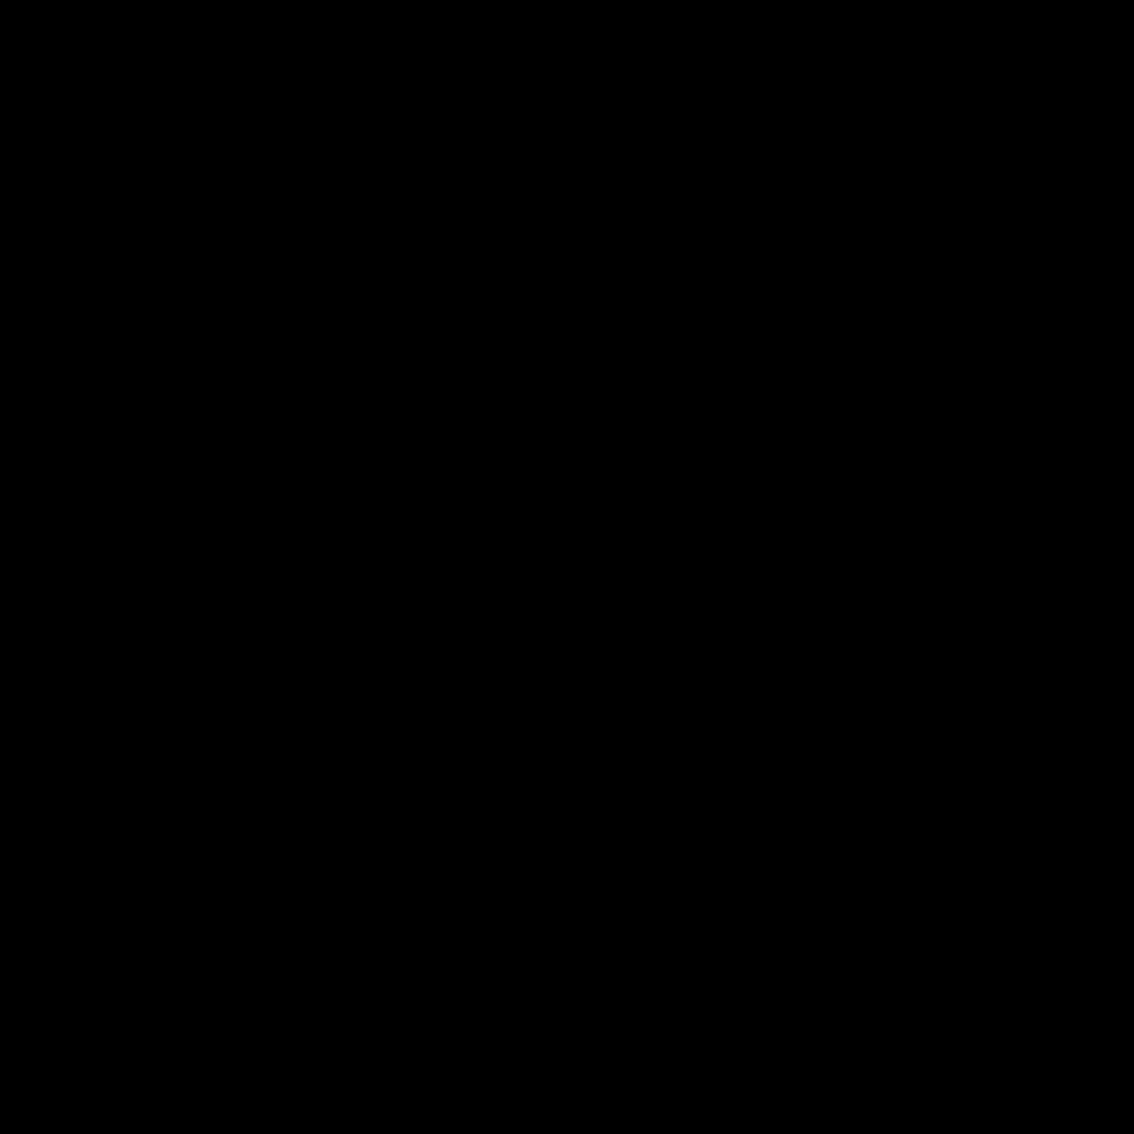 06_monica-vitti-retrato-2